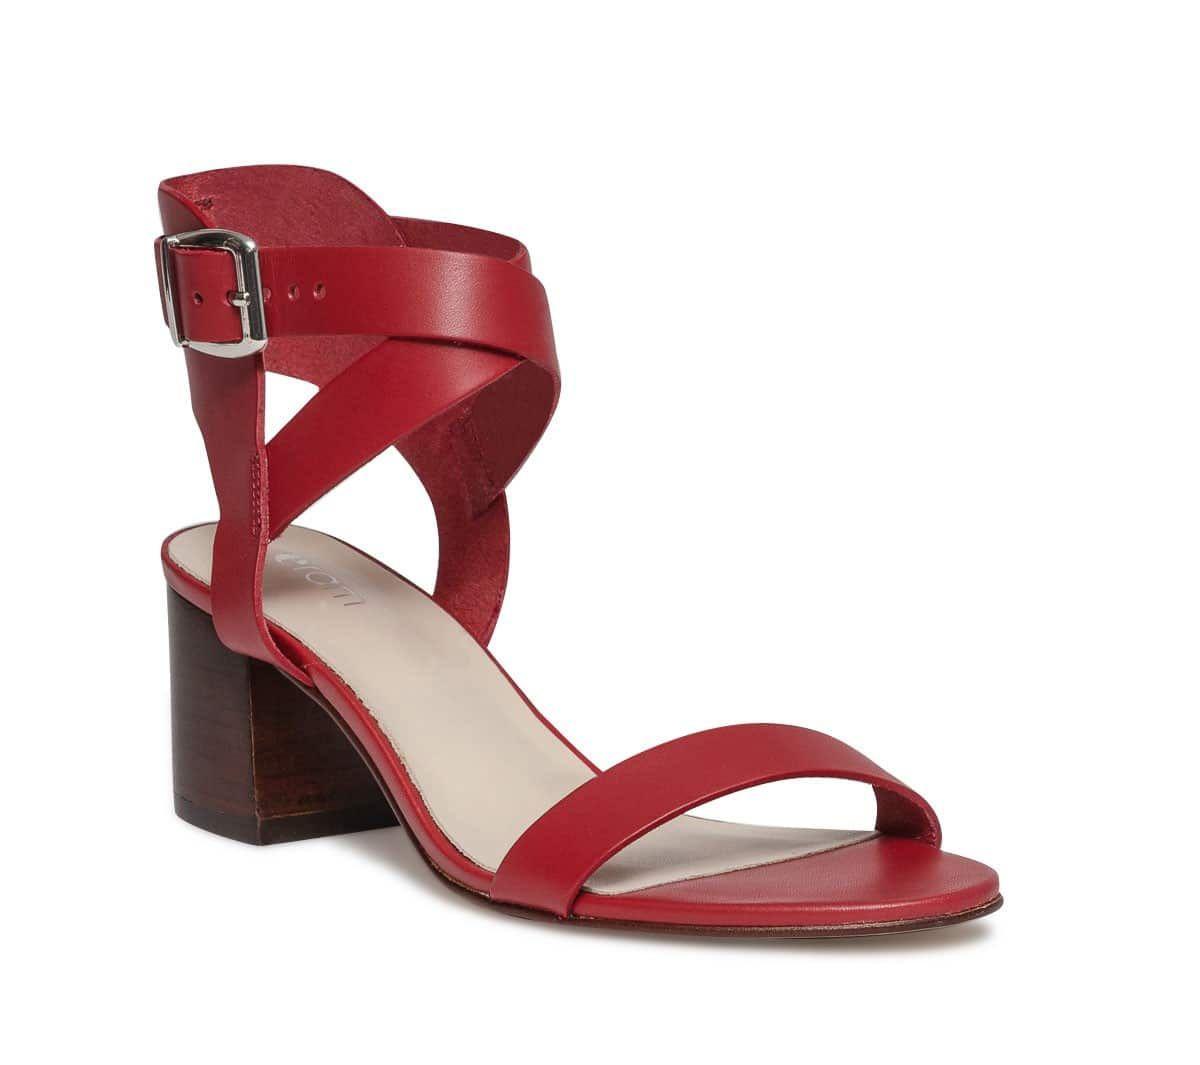 Sandale cuir rouge à bride croisée - Sandales talon - Chaussures femme